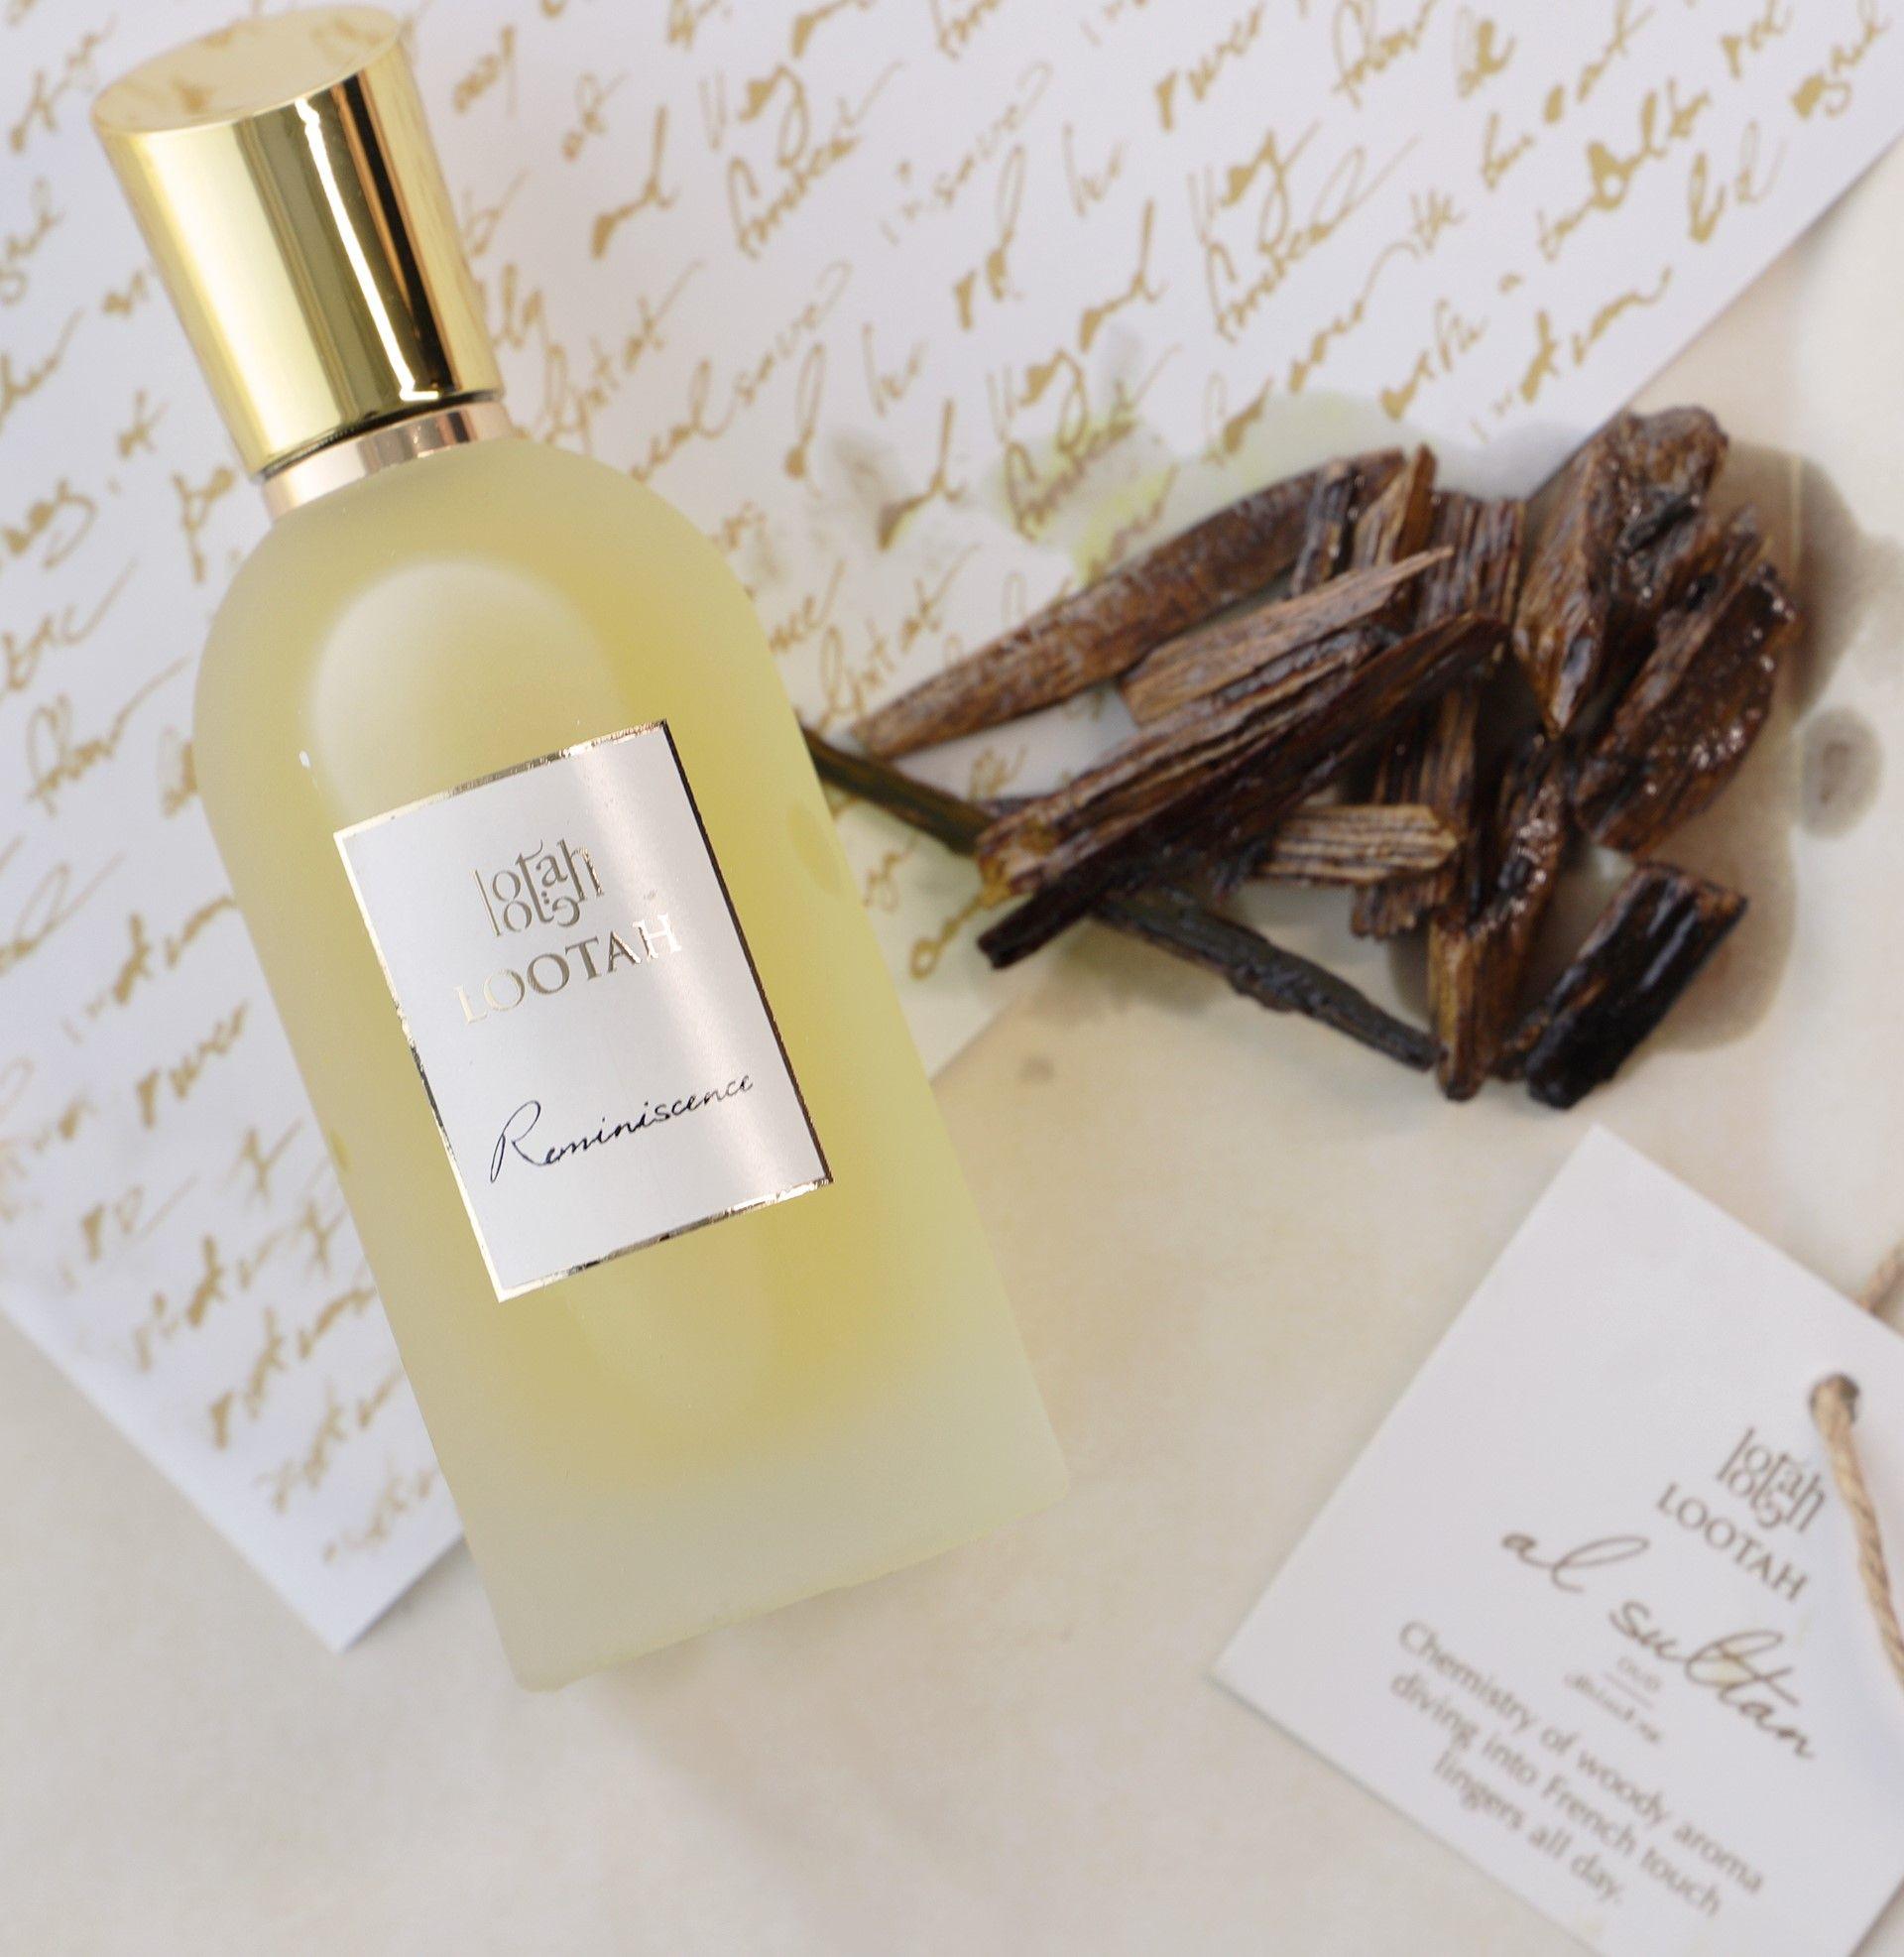 بعض العطور والبخور أجمل مترافقين ريمينيسينس وعود السلطان الأجمل معا Some Perfumes And Incenses Are Better Together Perfume Fragrance Perfume Bottles